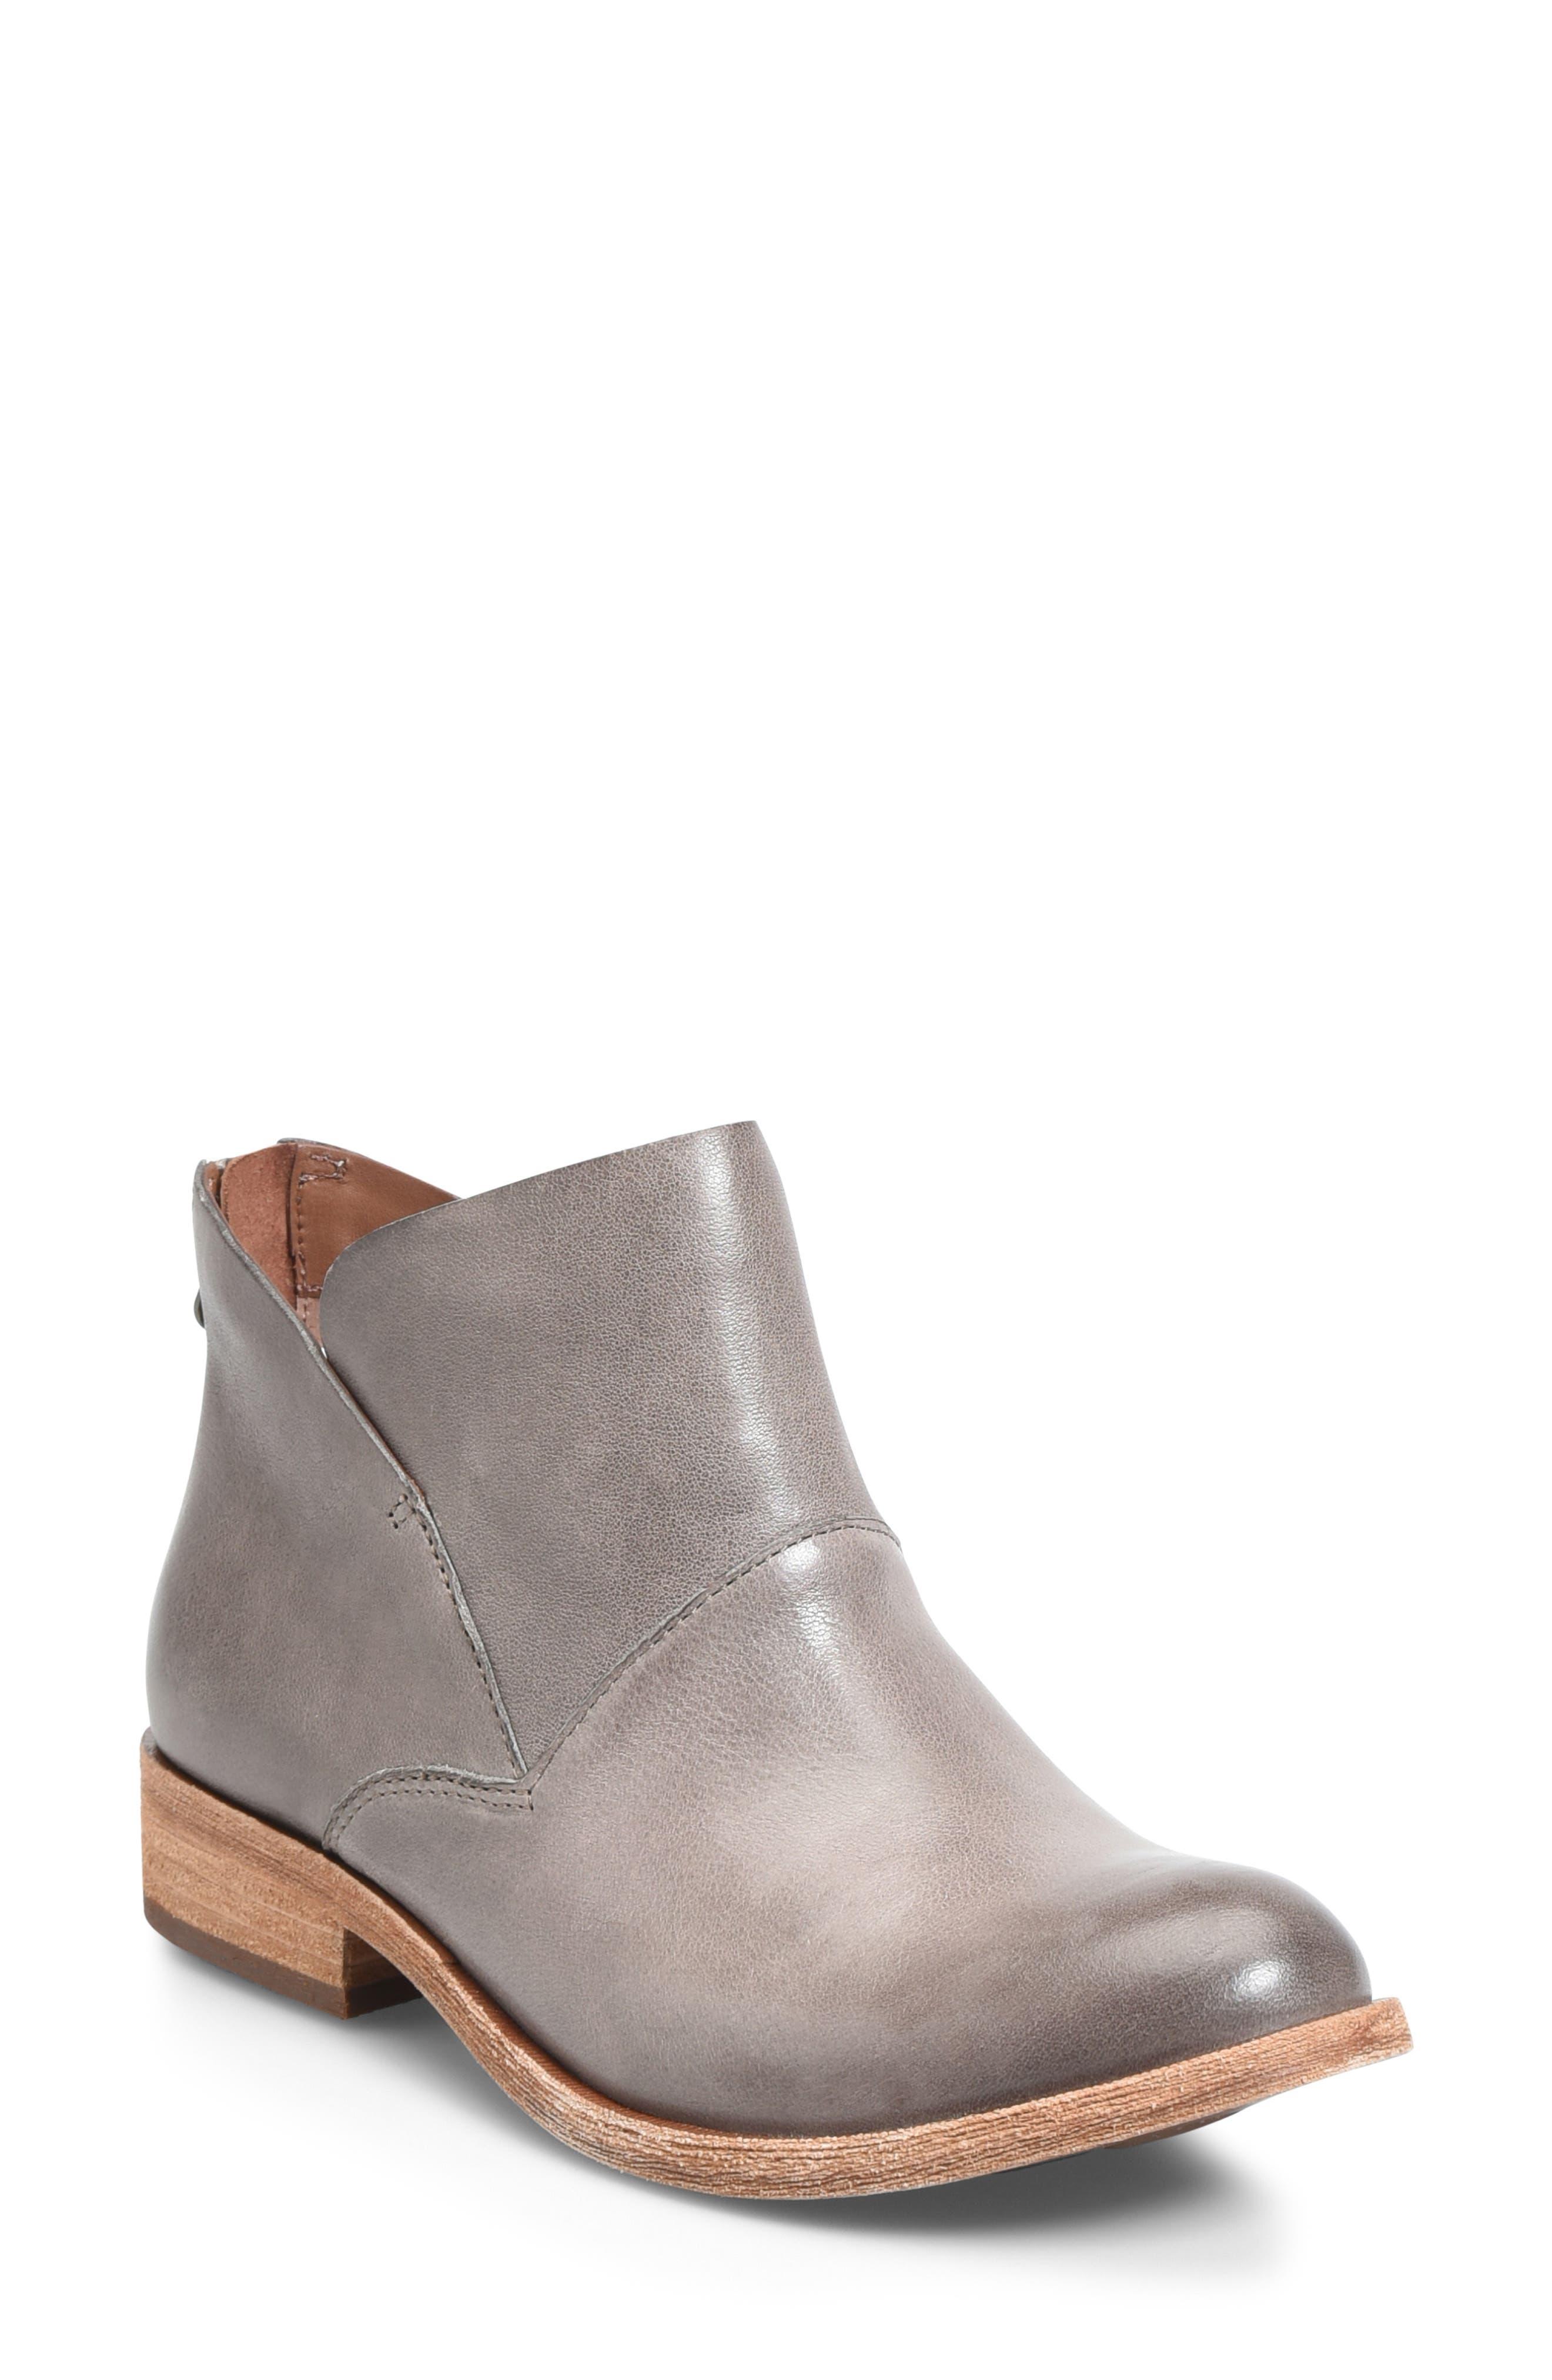 Kork-Ease Ryder Ankle Boot, Grey